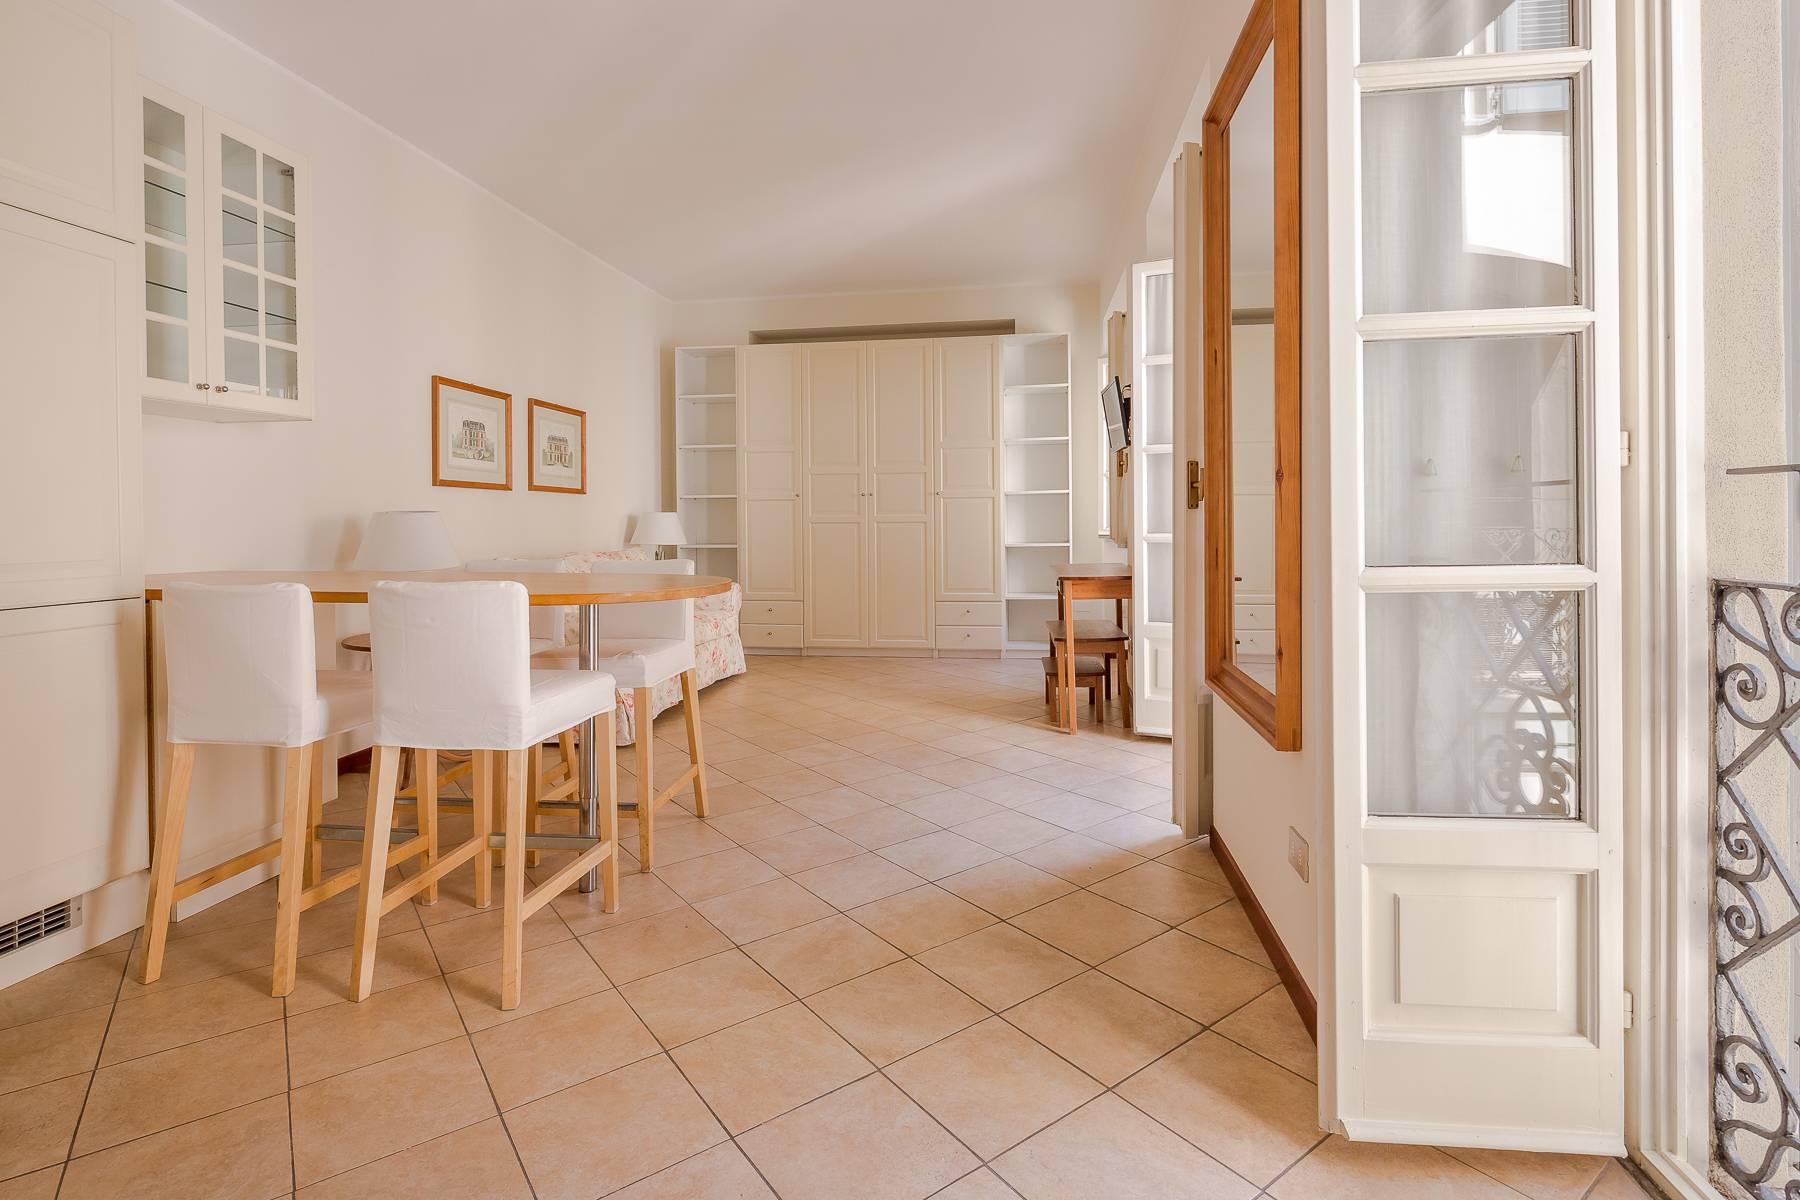 Appartamento in Affitto a Milano: 1 locali, 40 mq - Foto 2